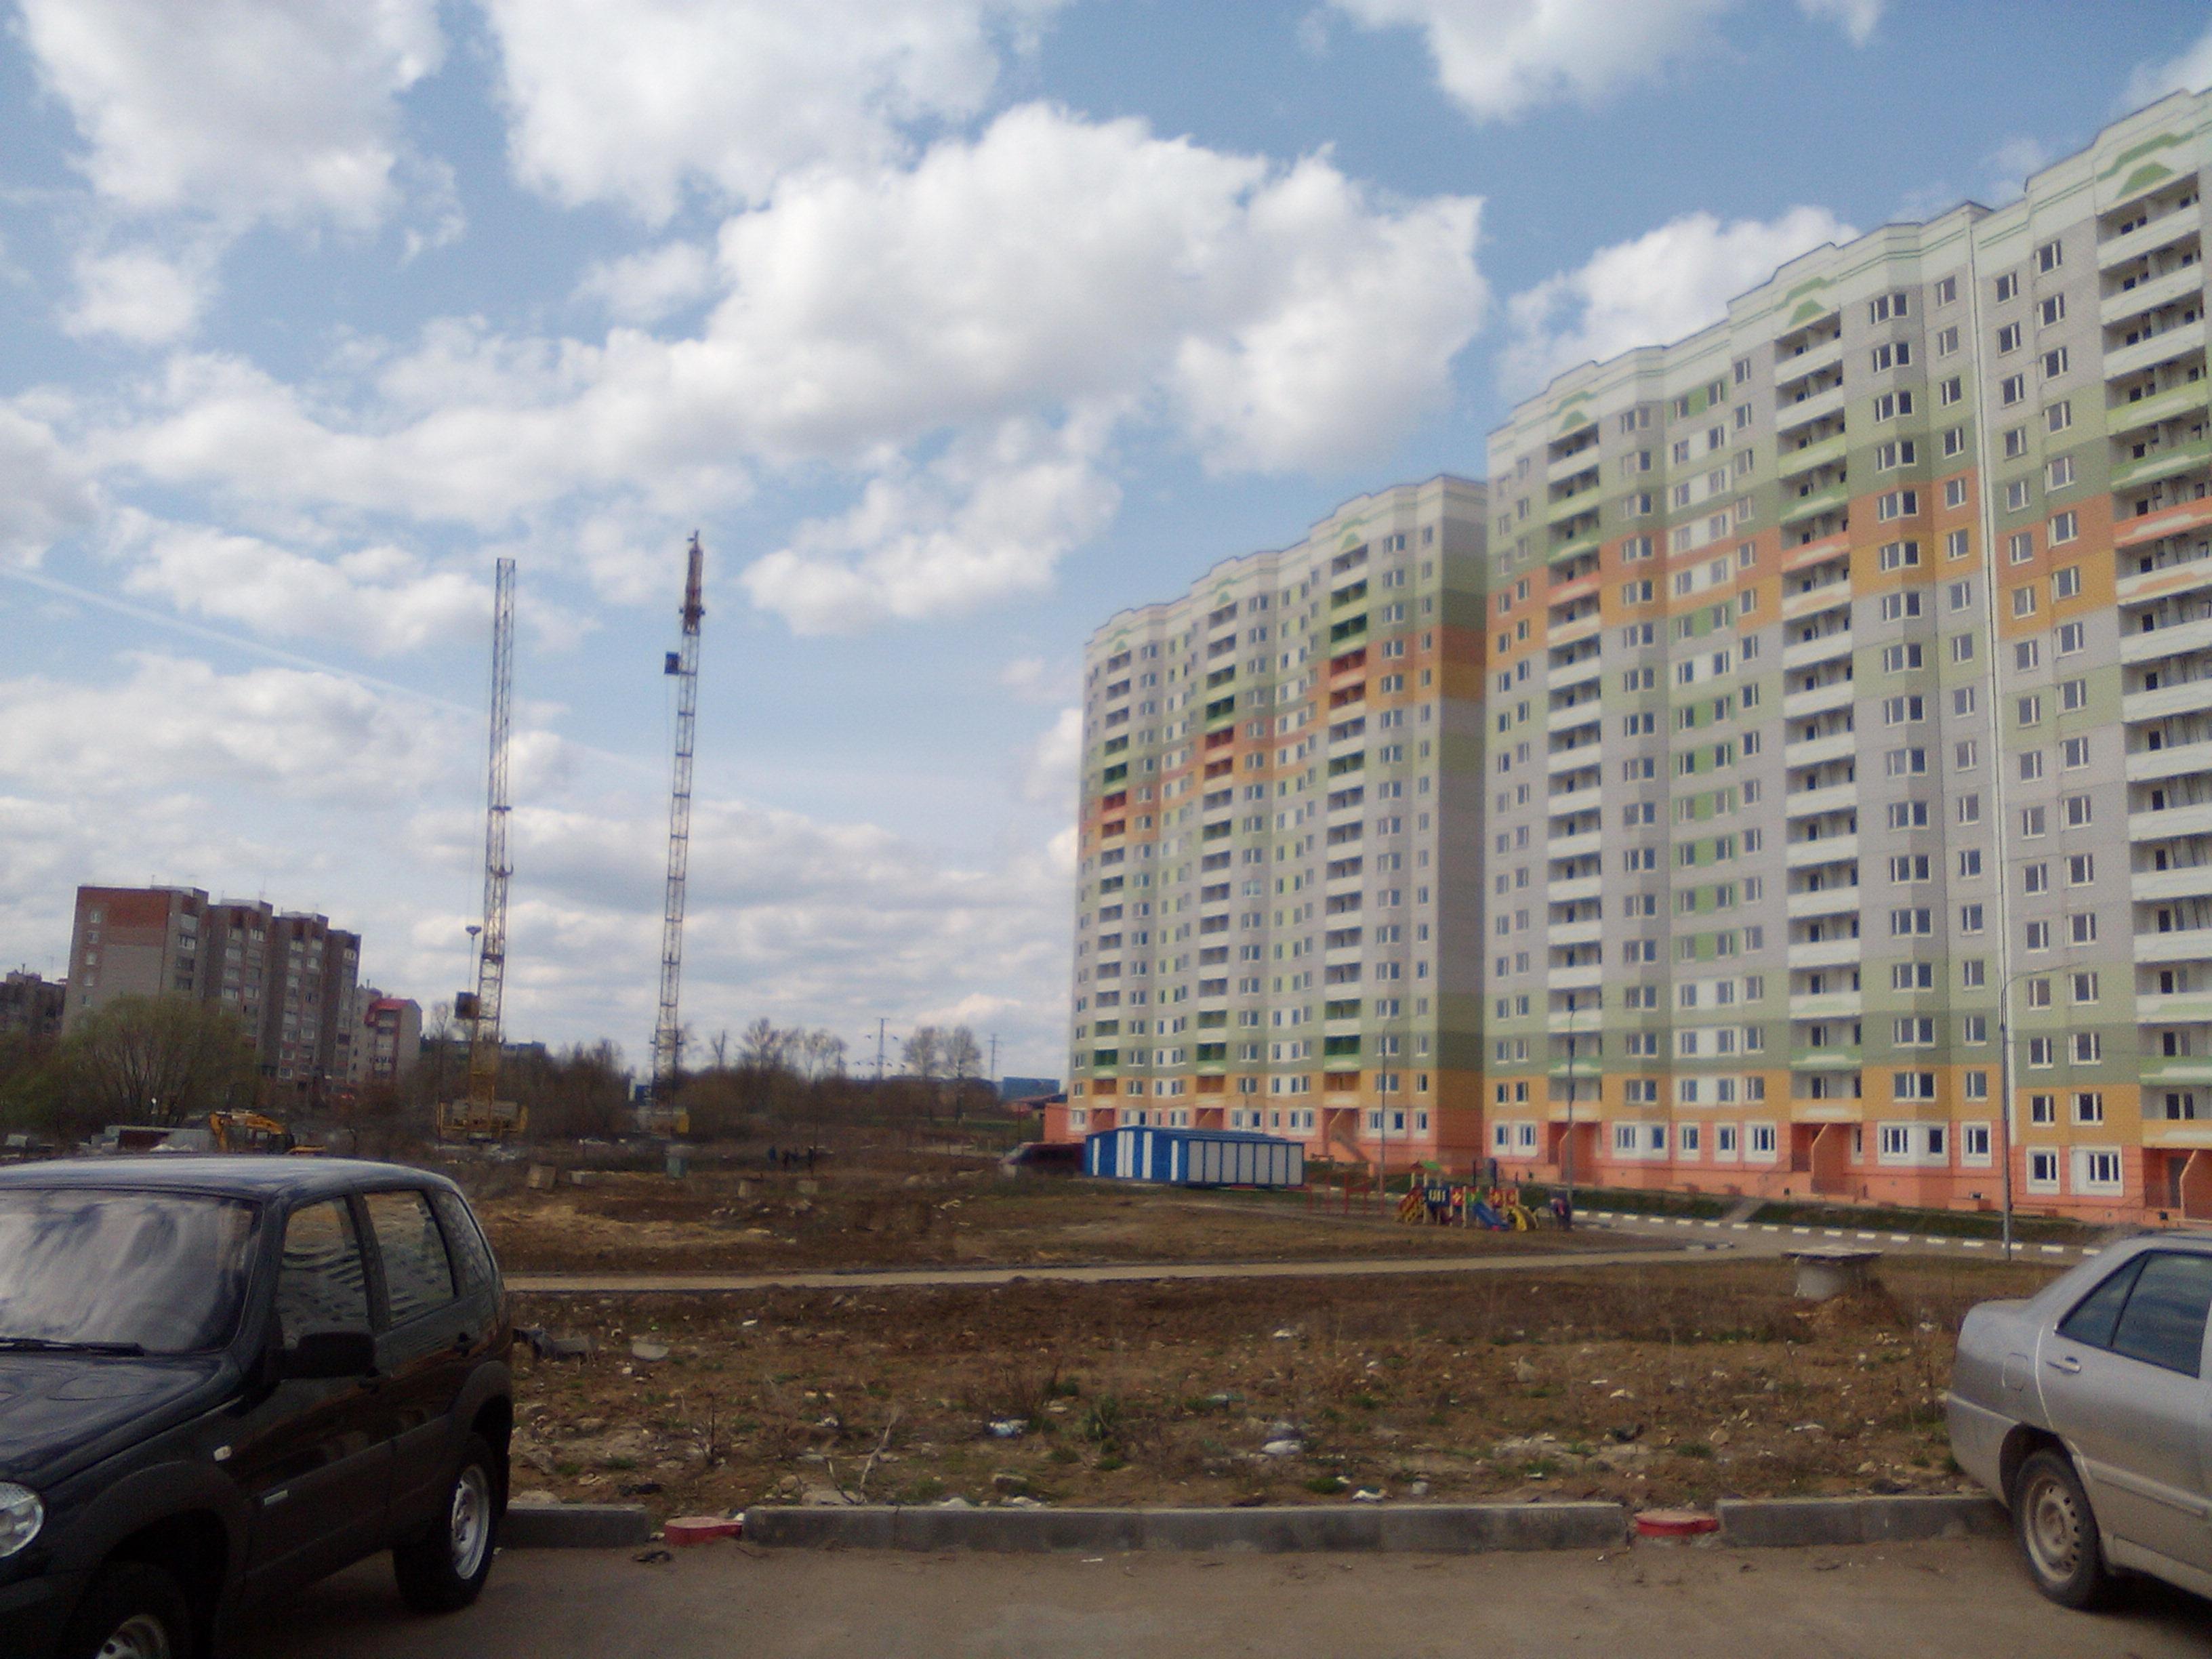 Фотографии домов 4-го Северо-Восточного микрорайона ЖК ПАРУС по улице Хворостухина г. Тула. ЗАО СУ-155